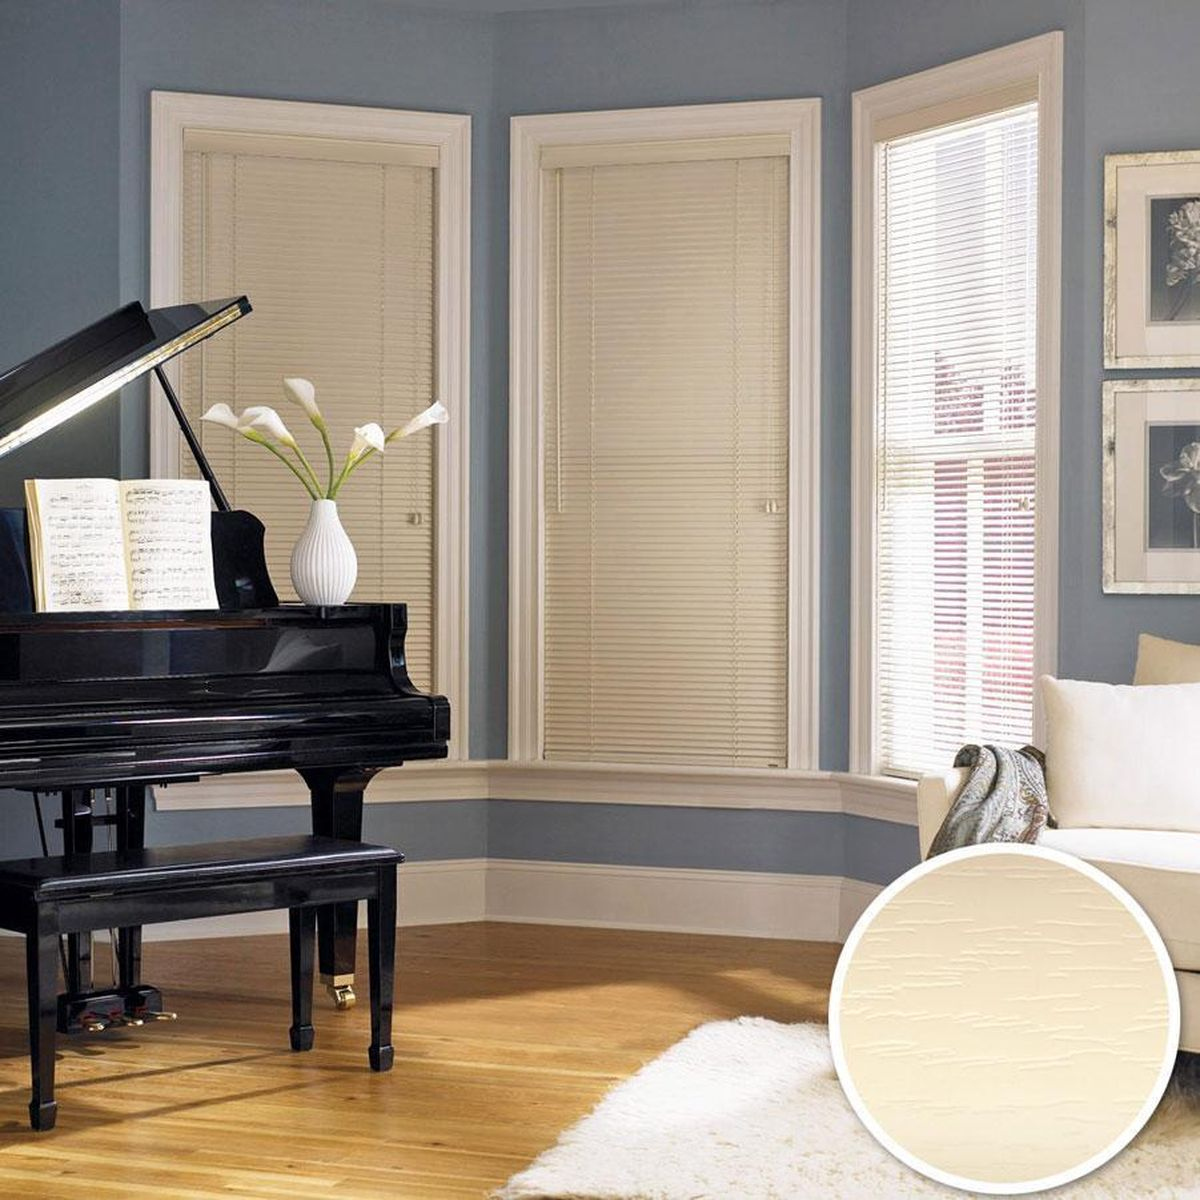 Жалюзи Эскар, цвет: бежевый, ширина 120 см, высота 160 см2615S545JBДля того чтобы придать интерьеру изюминку и завершенность, нет ничего лучше, чем использовать жалюзи на окнах квартиры, дома или офиса. С их помощью можно подчеркнуть индивидуальный вкус, а также стилевое оформление помещения. Помимо декоративных функций, жалюзи выполняют и практические задачи: они защищают от излишнего солнечного света, не дают помещению нагреваться, а также создают уют в темное время суток.Пластиковые жалюзи - самое универсальное и недорогое решение для любого помещения. Купить их может каждый, а широкий выбор размеров под самые популярные габариты сделает покупку простой и удобной. Пластиковые жалюзи имеют высокие эксплуатационные характеристики - они гигиеничны, что делает их незаменимыми при монтаже в детских и медицинских учреждениях.